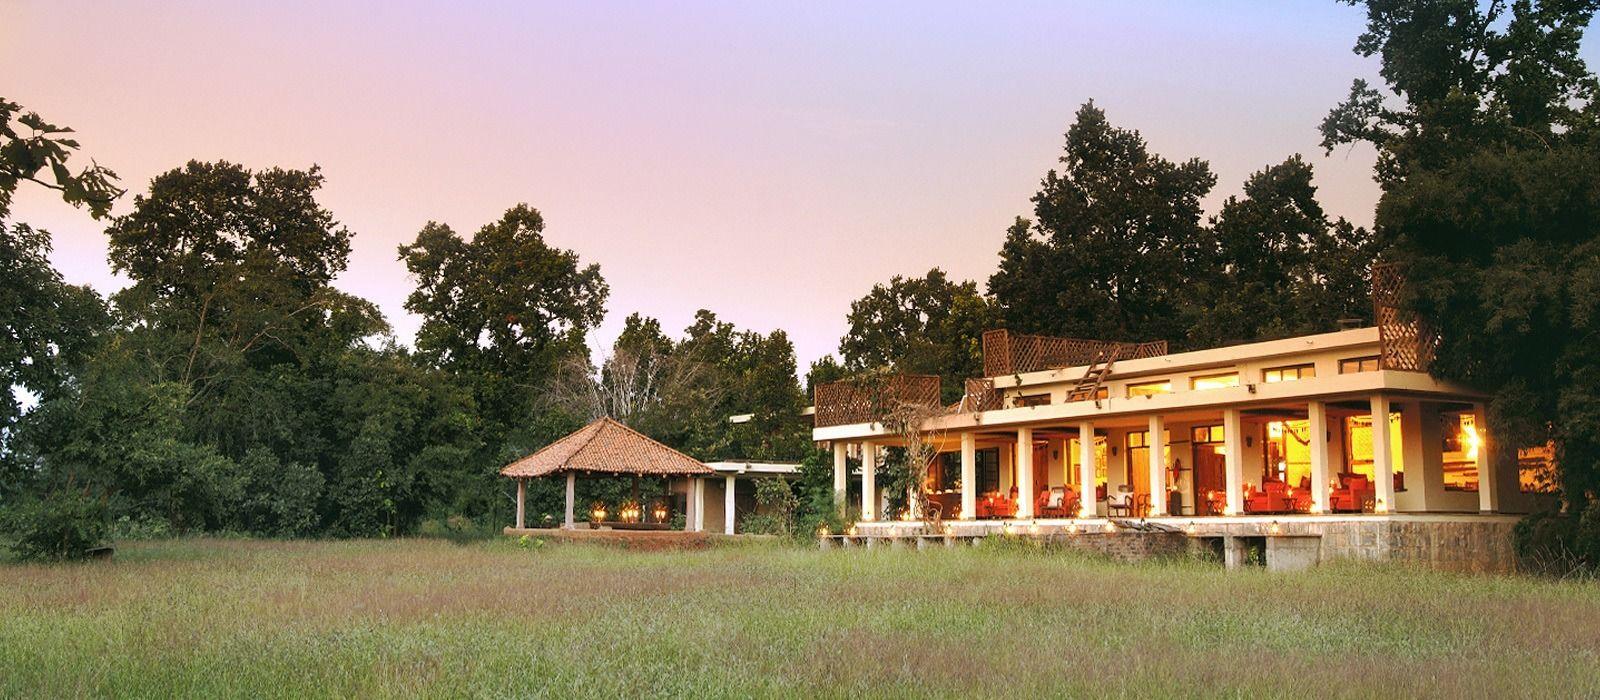 Exklusives Taj-Angebot: Auf Tigerspuren durch Indien Urlaub 2